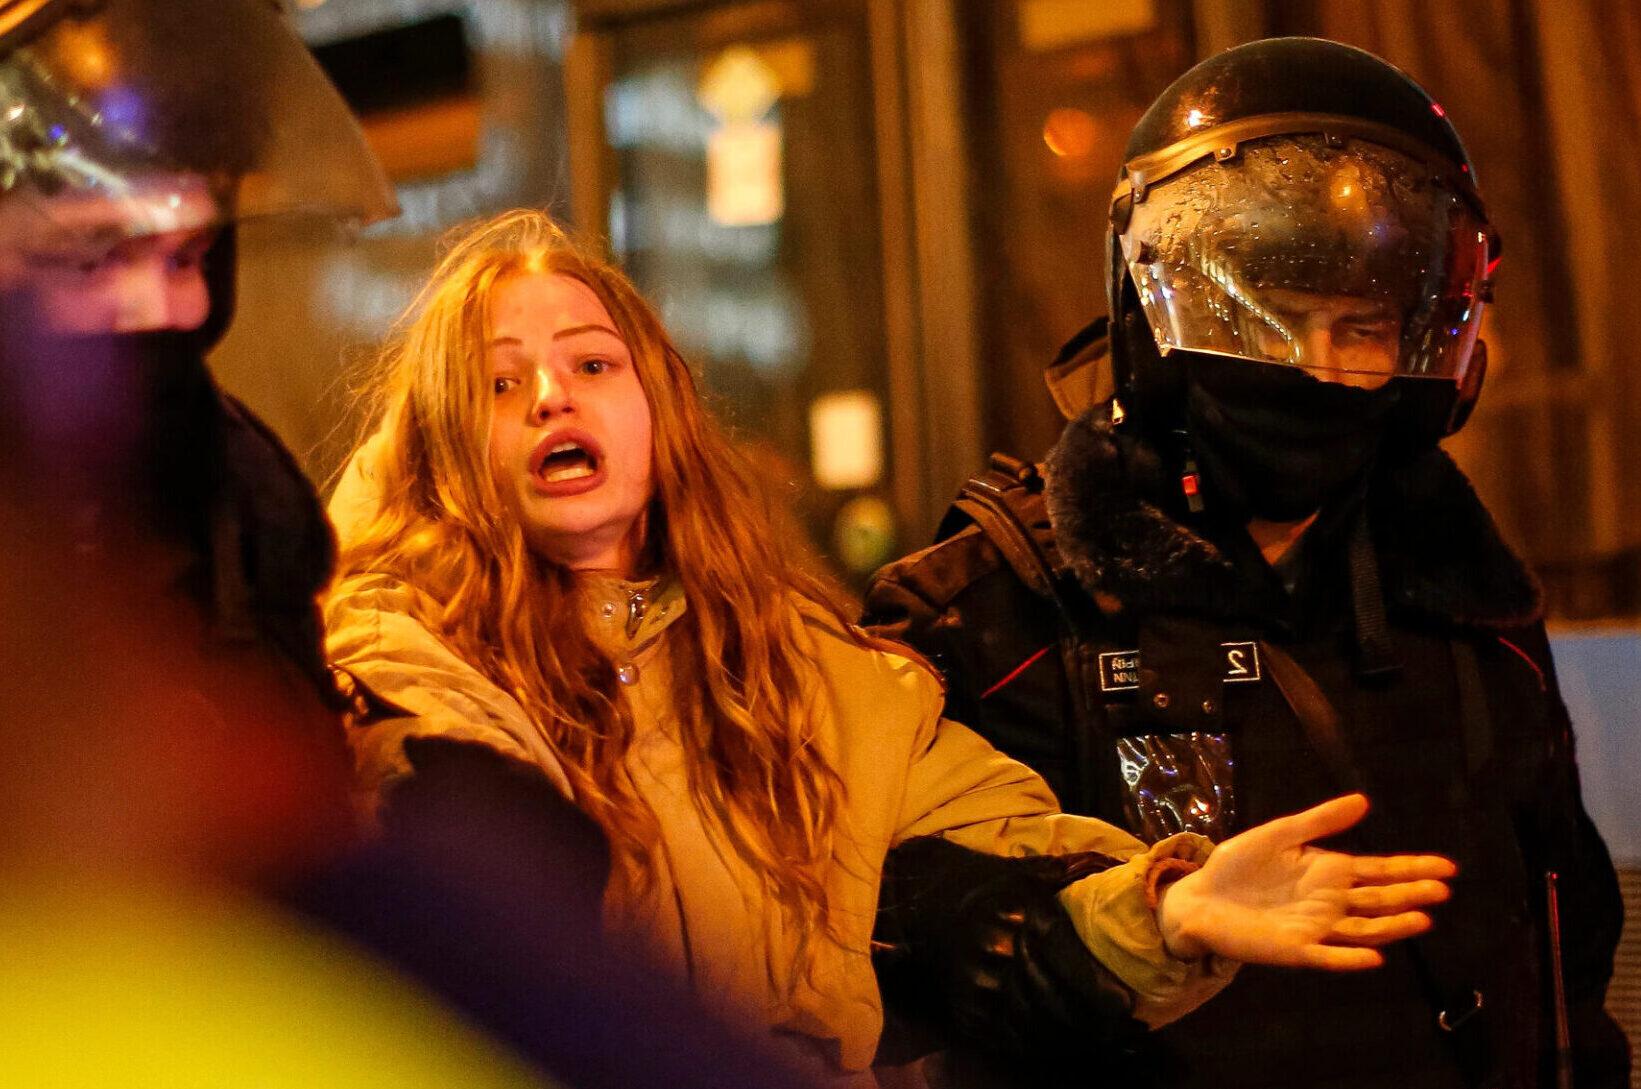 """ρωσικό Υπουργείο κατηγόρησε ΗΠΑ υποκίνηση Ναβάλνι, ΡΩΣΙΚΗ ΟΡΓΗ ΜΕ ΗΠΑ: """"Οι Διπλωμάτες τους υποκινούν τις διαδηλώσεις για τον Ναβάλνι!"""", NEMESIS HD"""